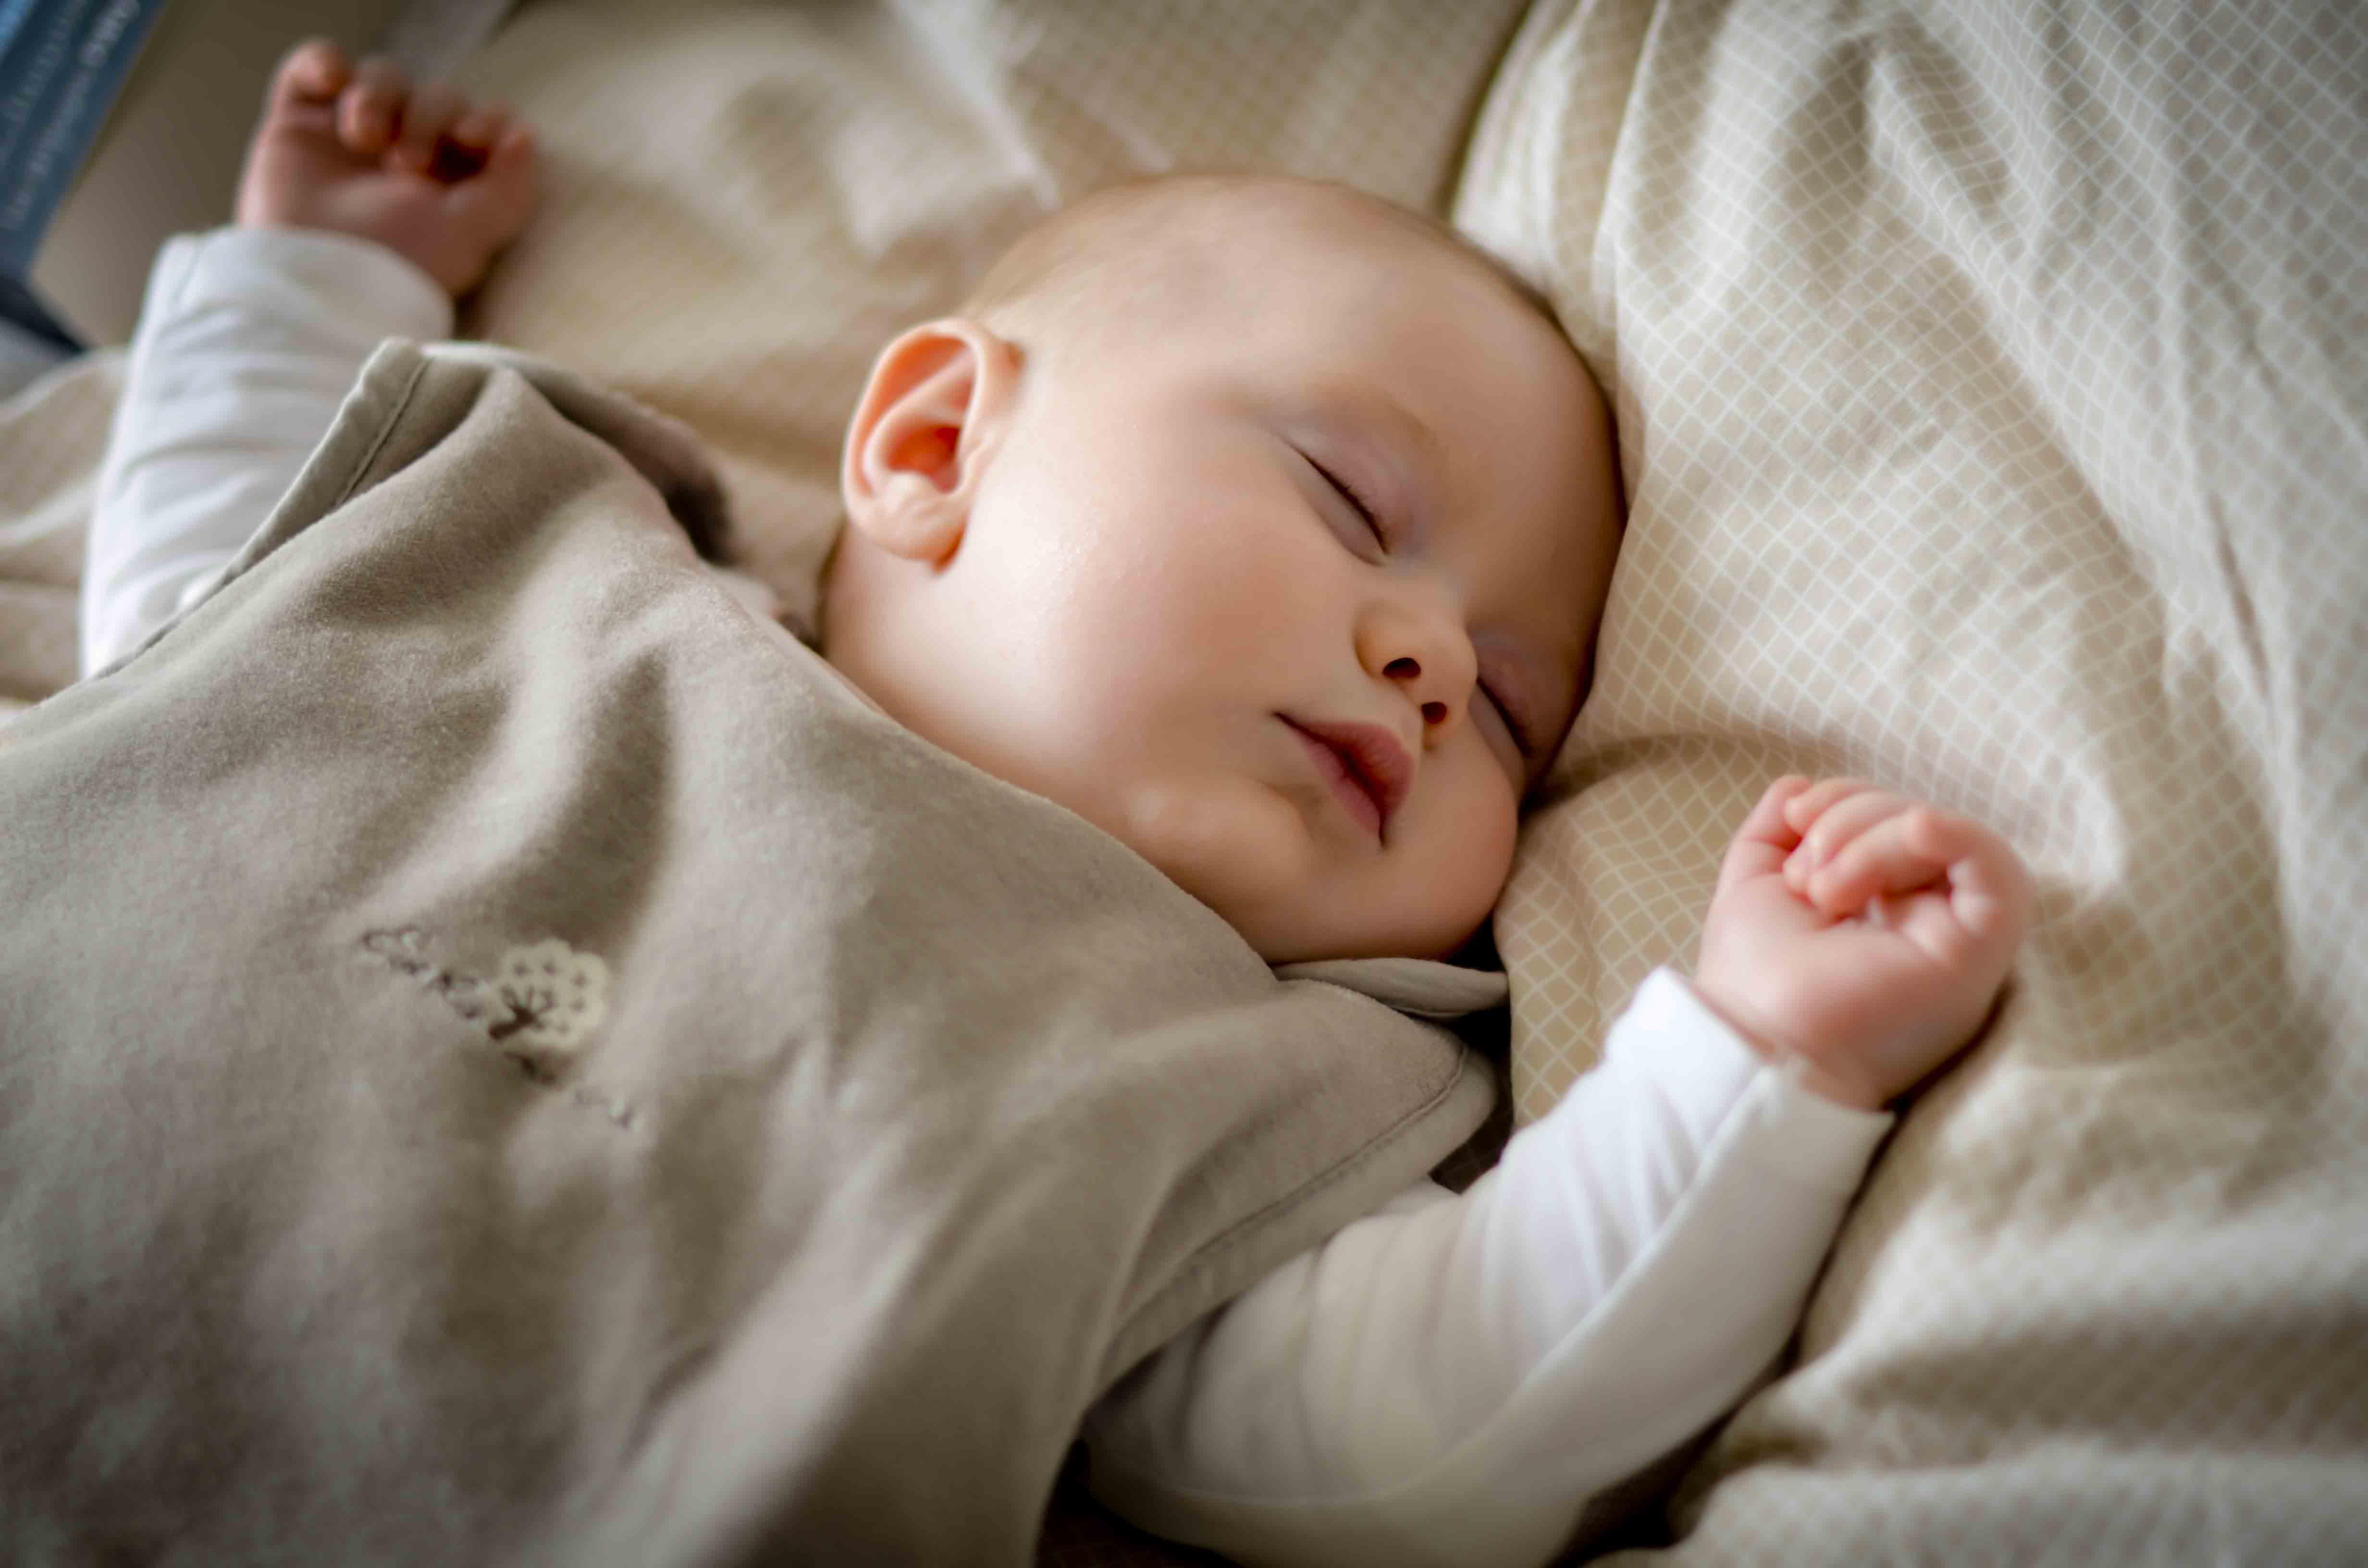 comment faire dormir un enfant. Black Bedroom Furniture Sets. Home Design Ideas